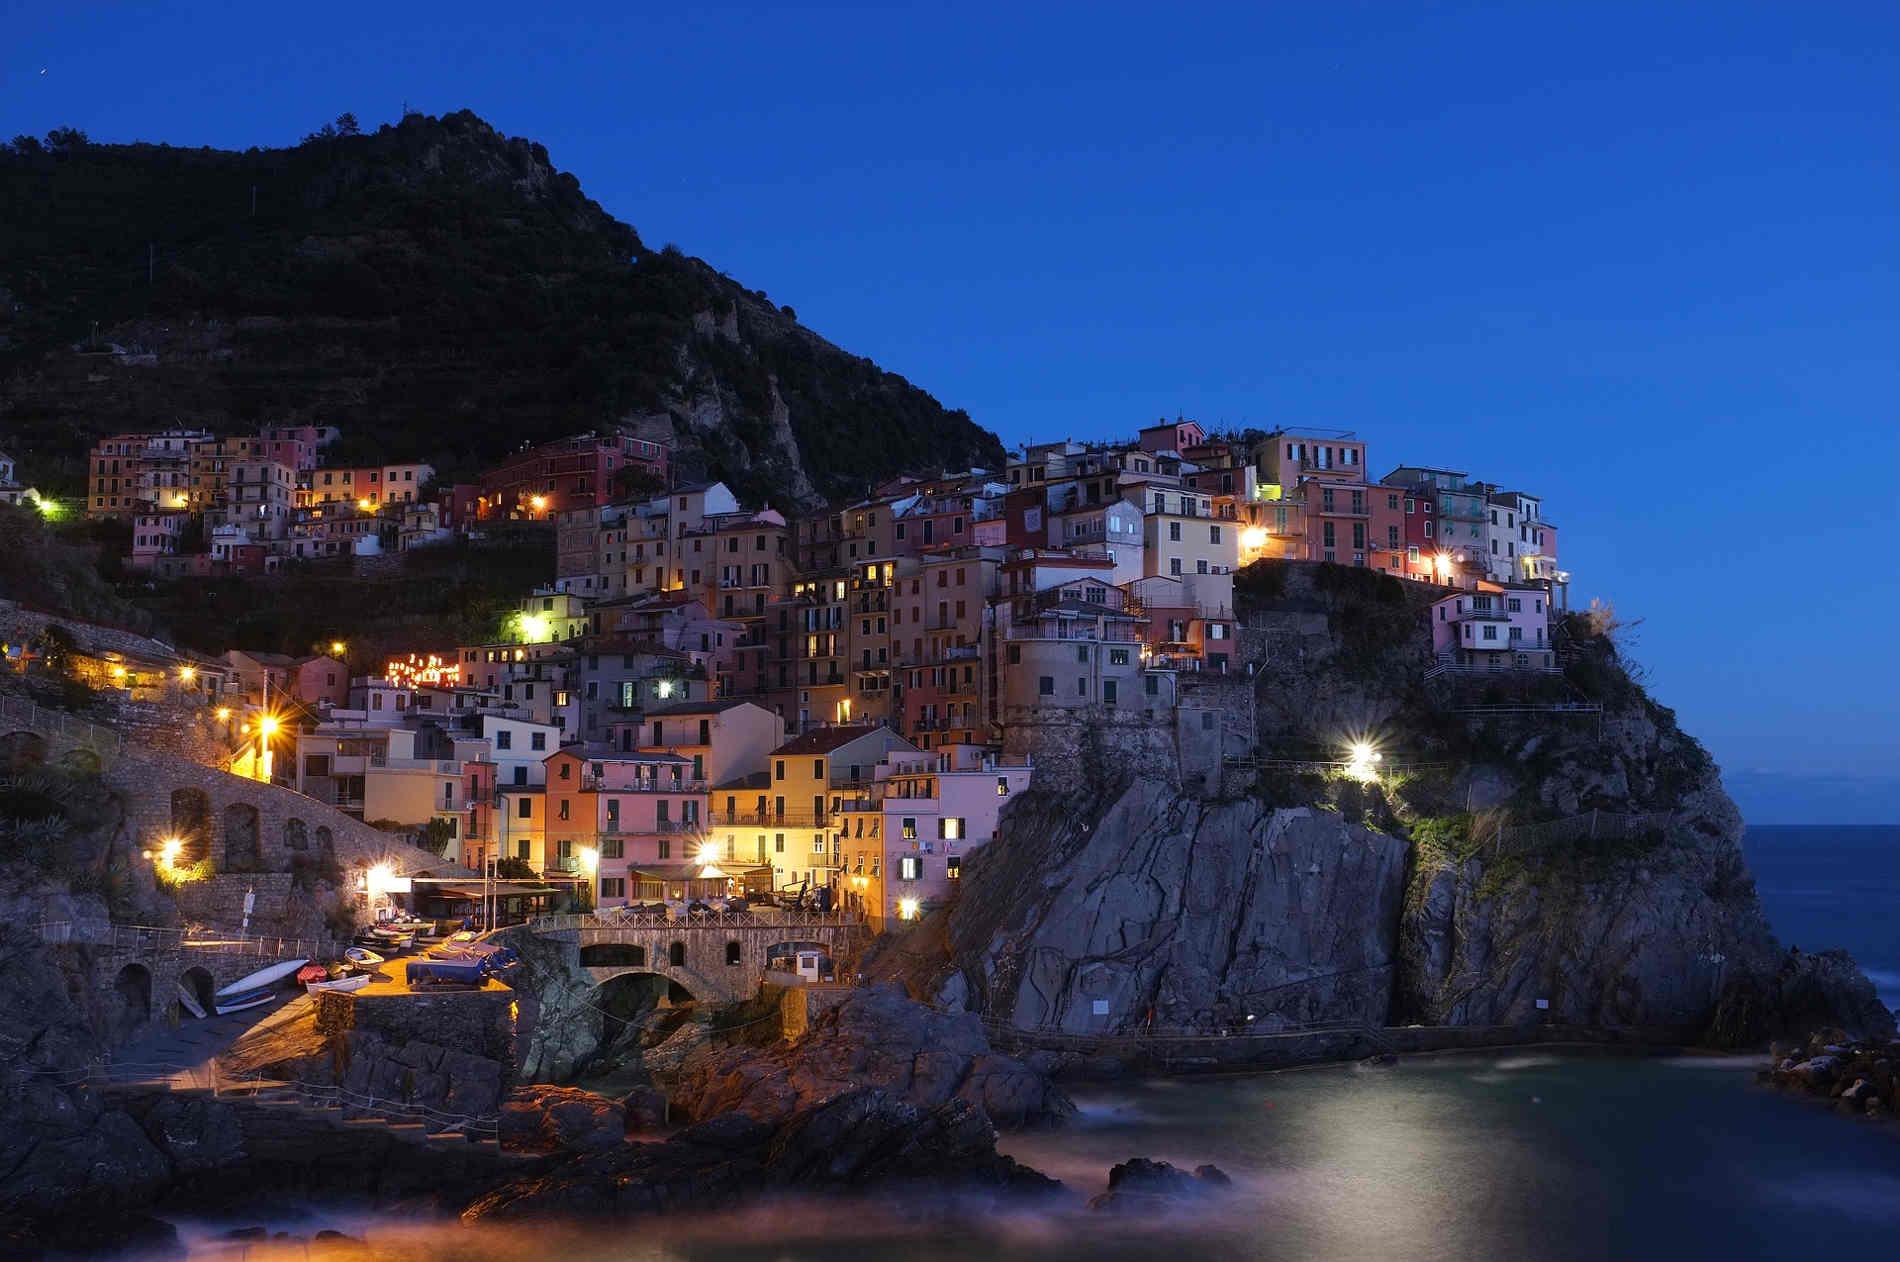 Panorami alle 5 Terre in Liguria Siti Unesco in Italia